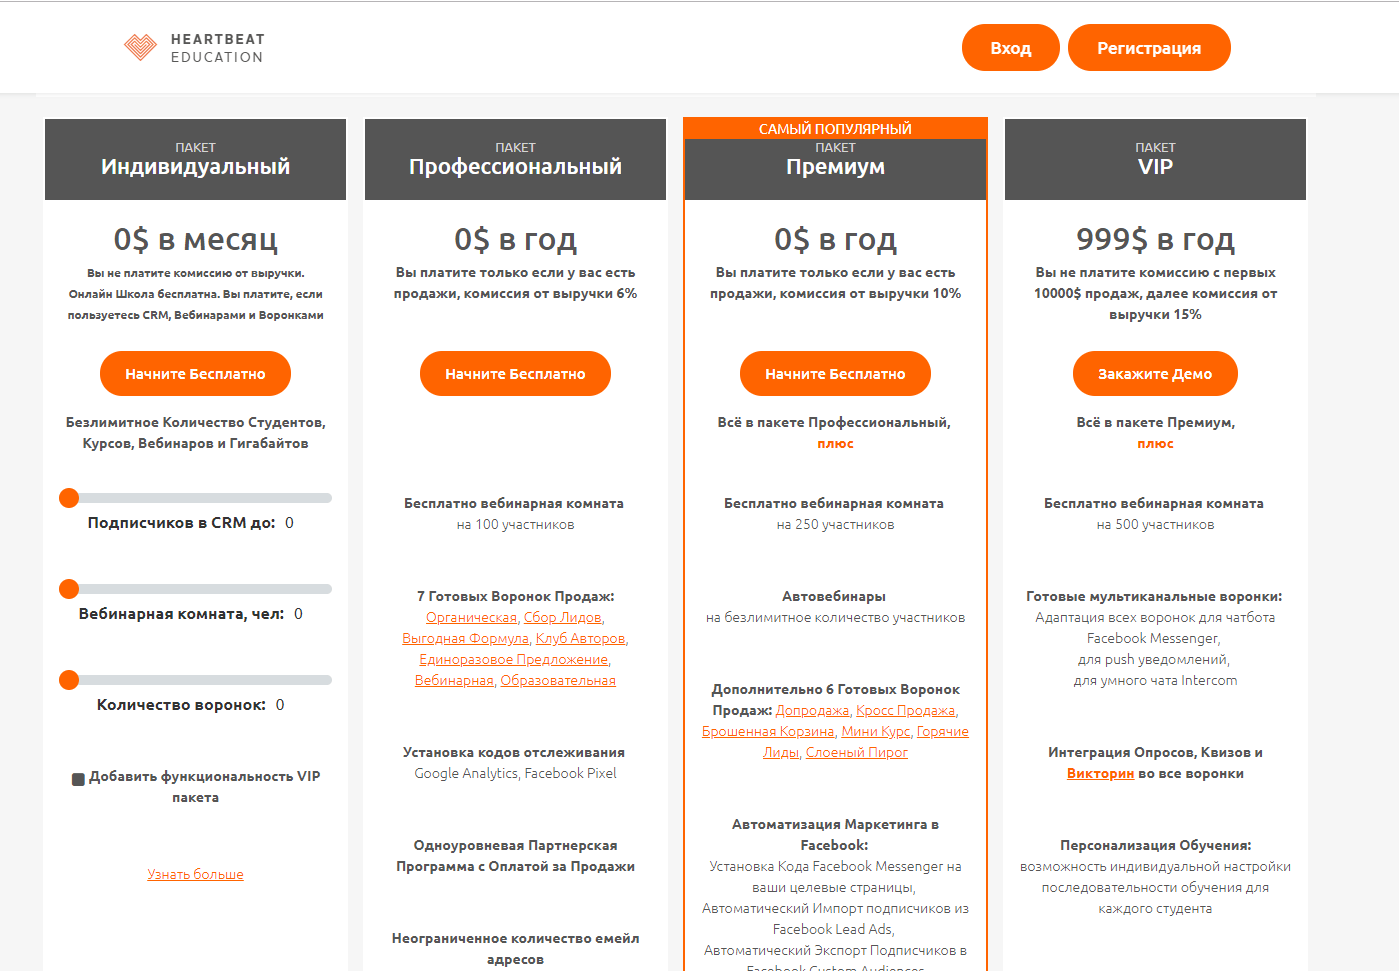 Бесплатные платформы для online-школы heartbeat сервис